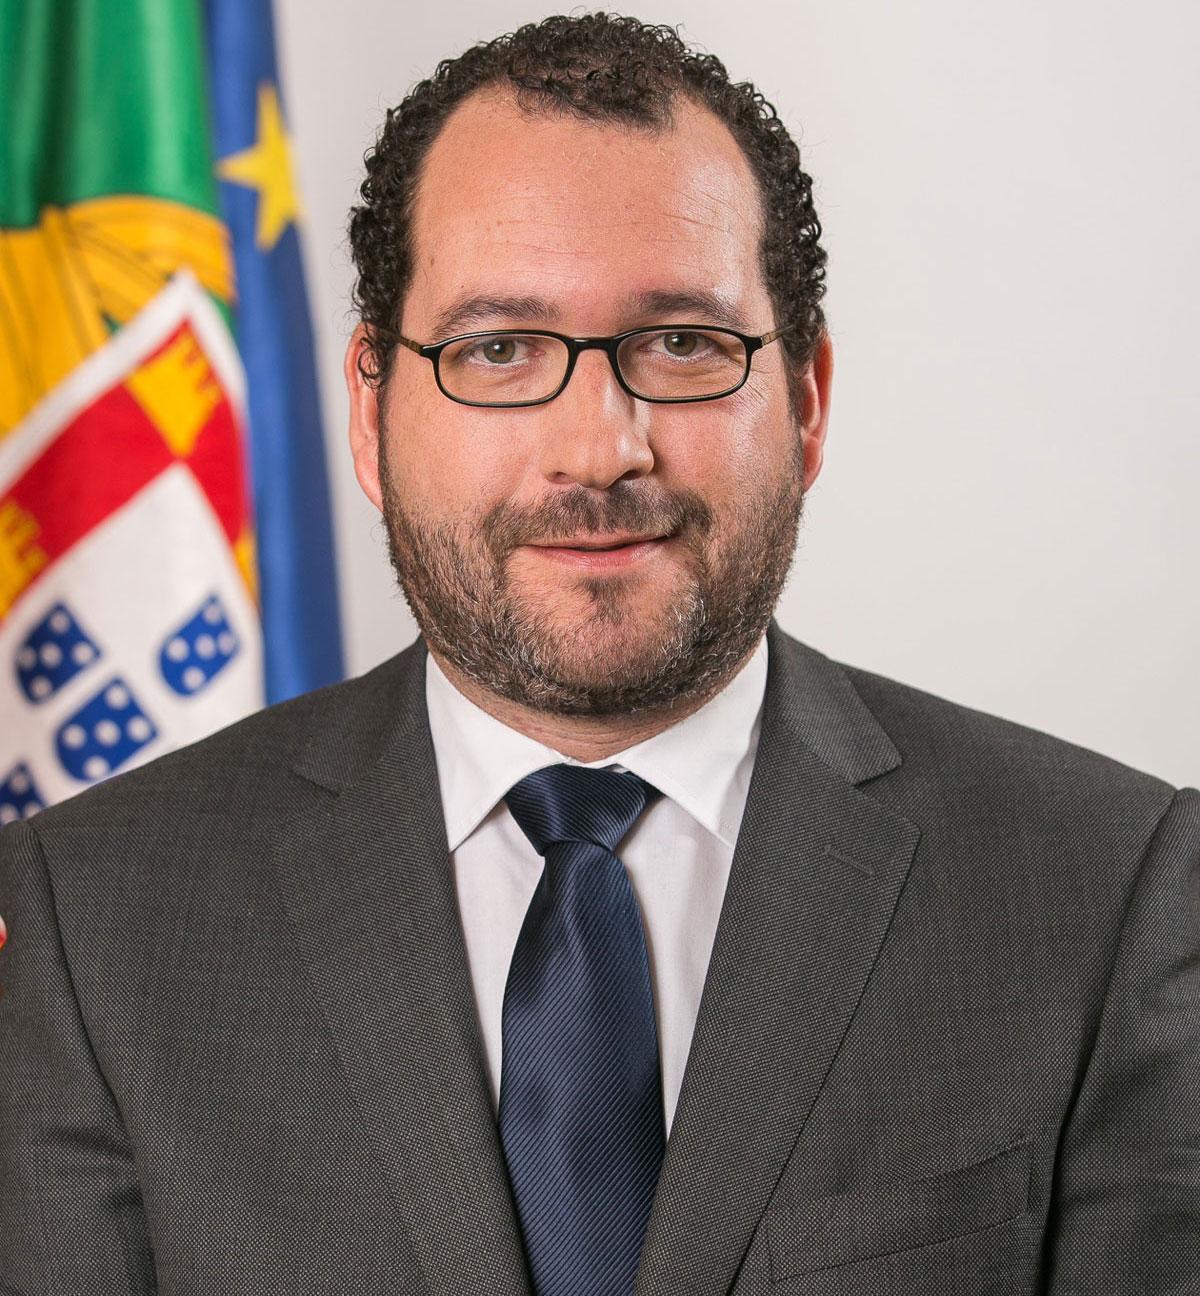 João Marques da Costa